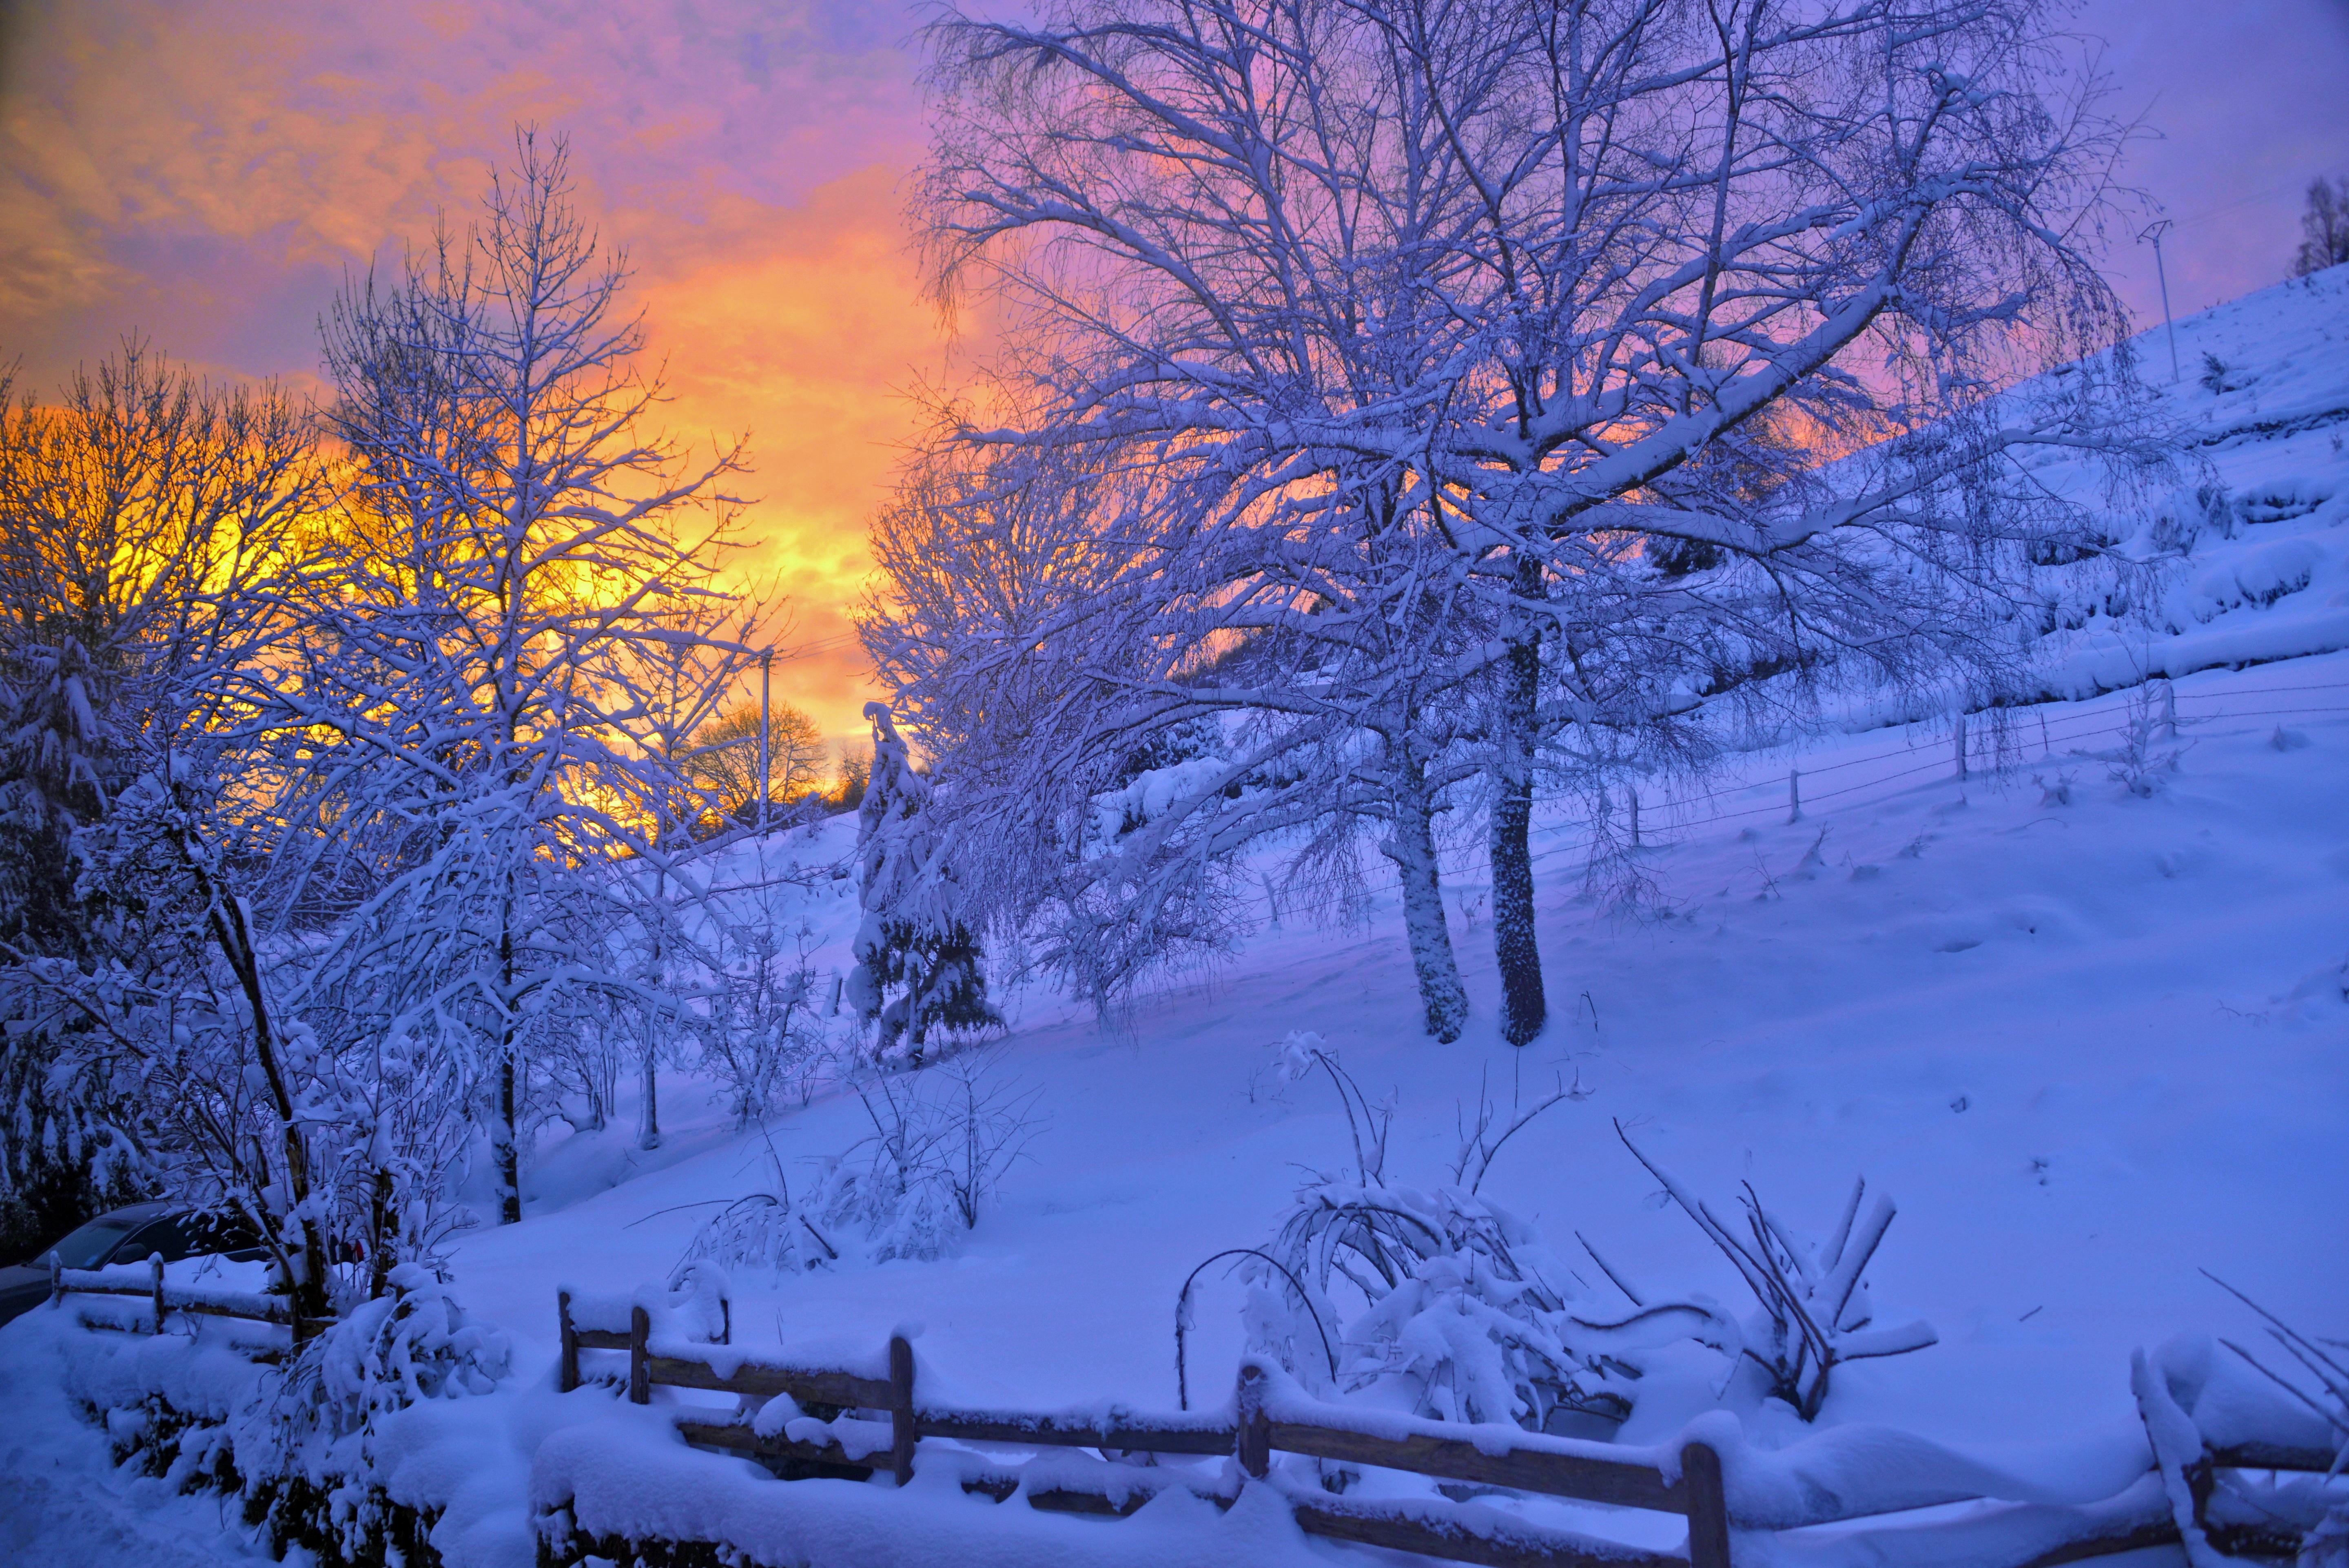 158009 скачать обои Зима, Природа, Деревья, Закат, Небо, Снег, Забор - заставки и картинки бесплатно